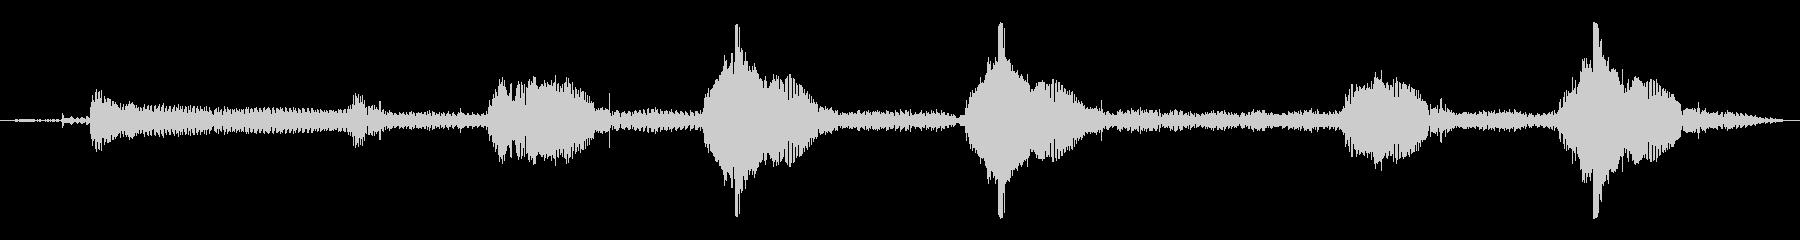 WRX-スタート、ベルトビープ音、...の未再生の波形